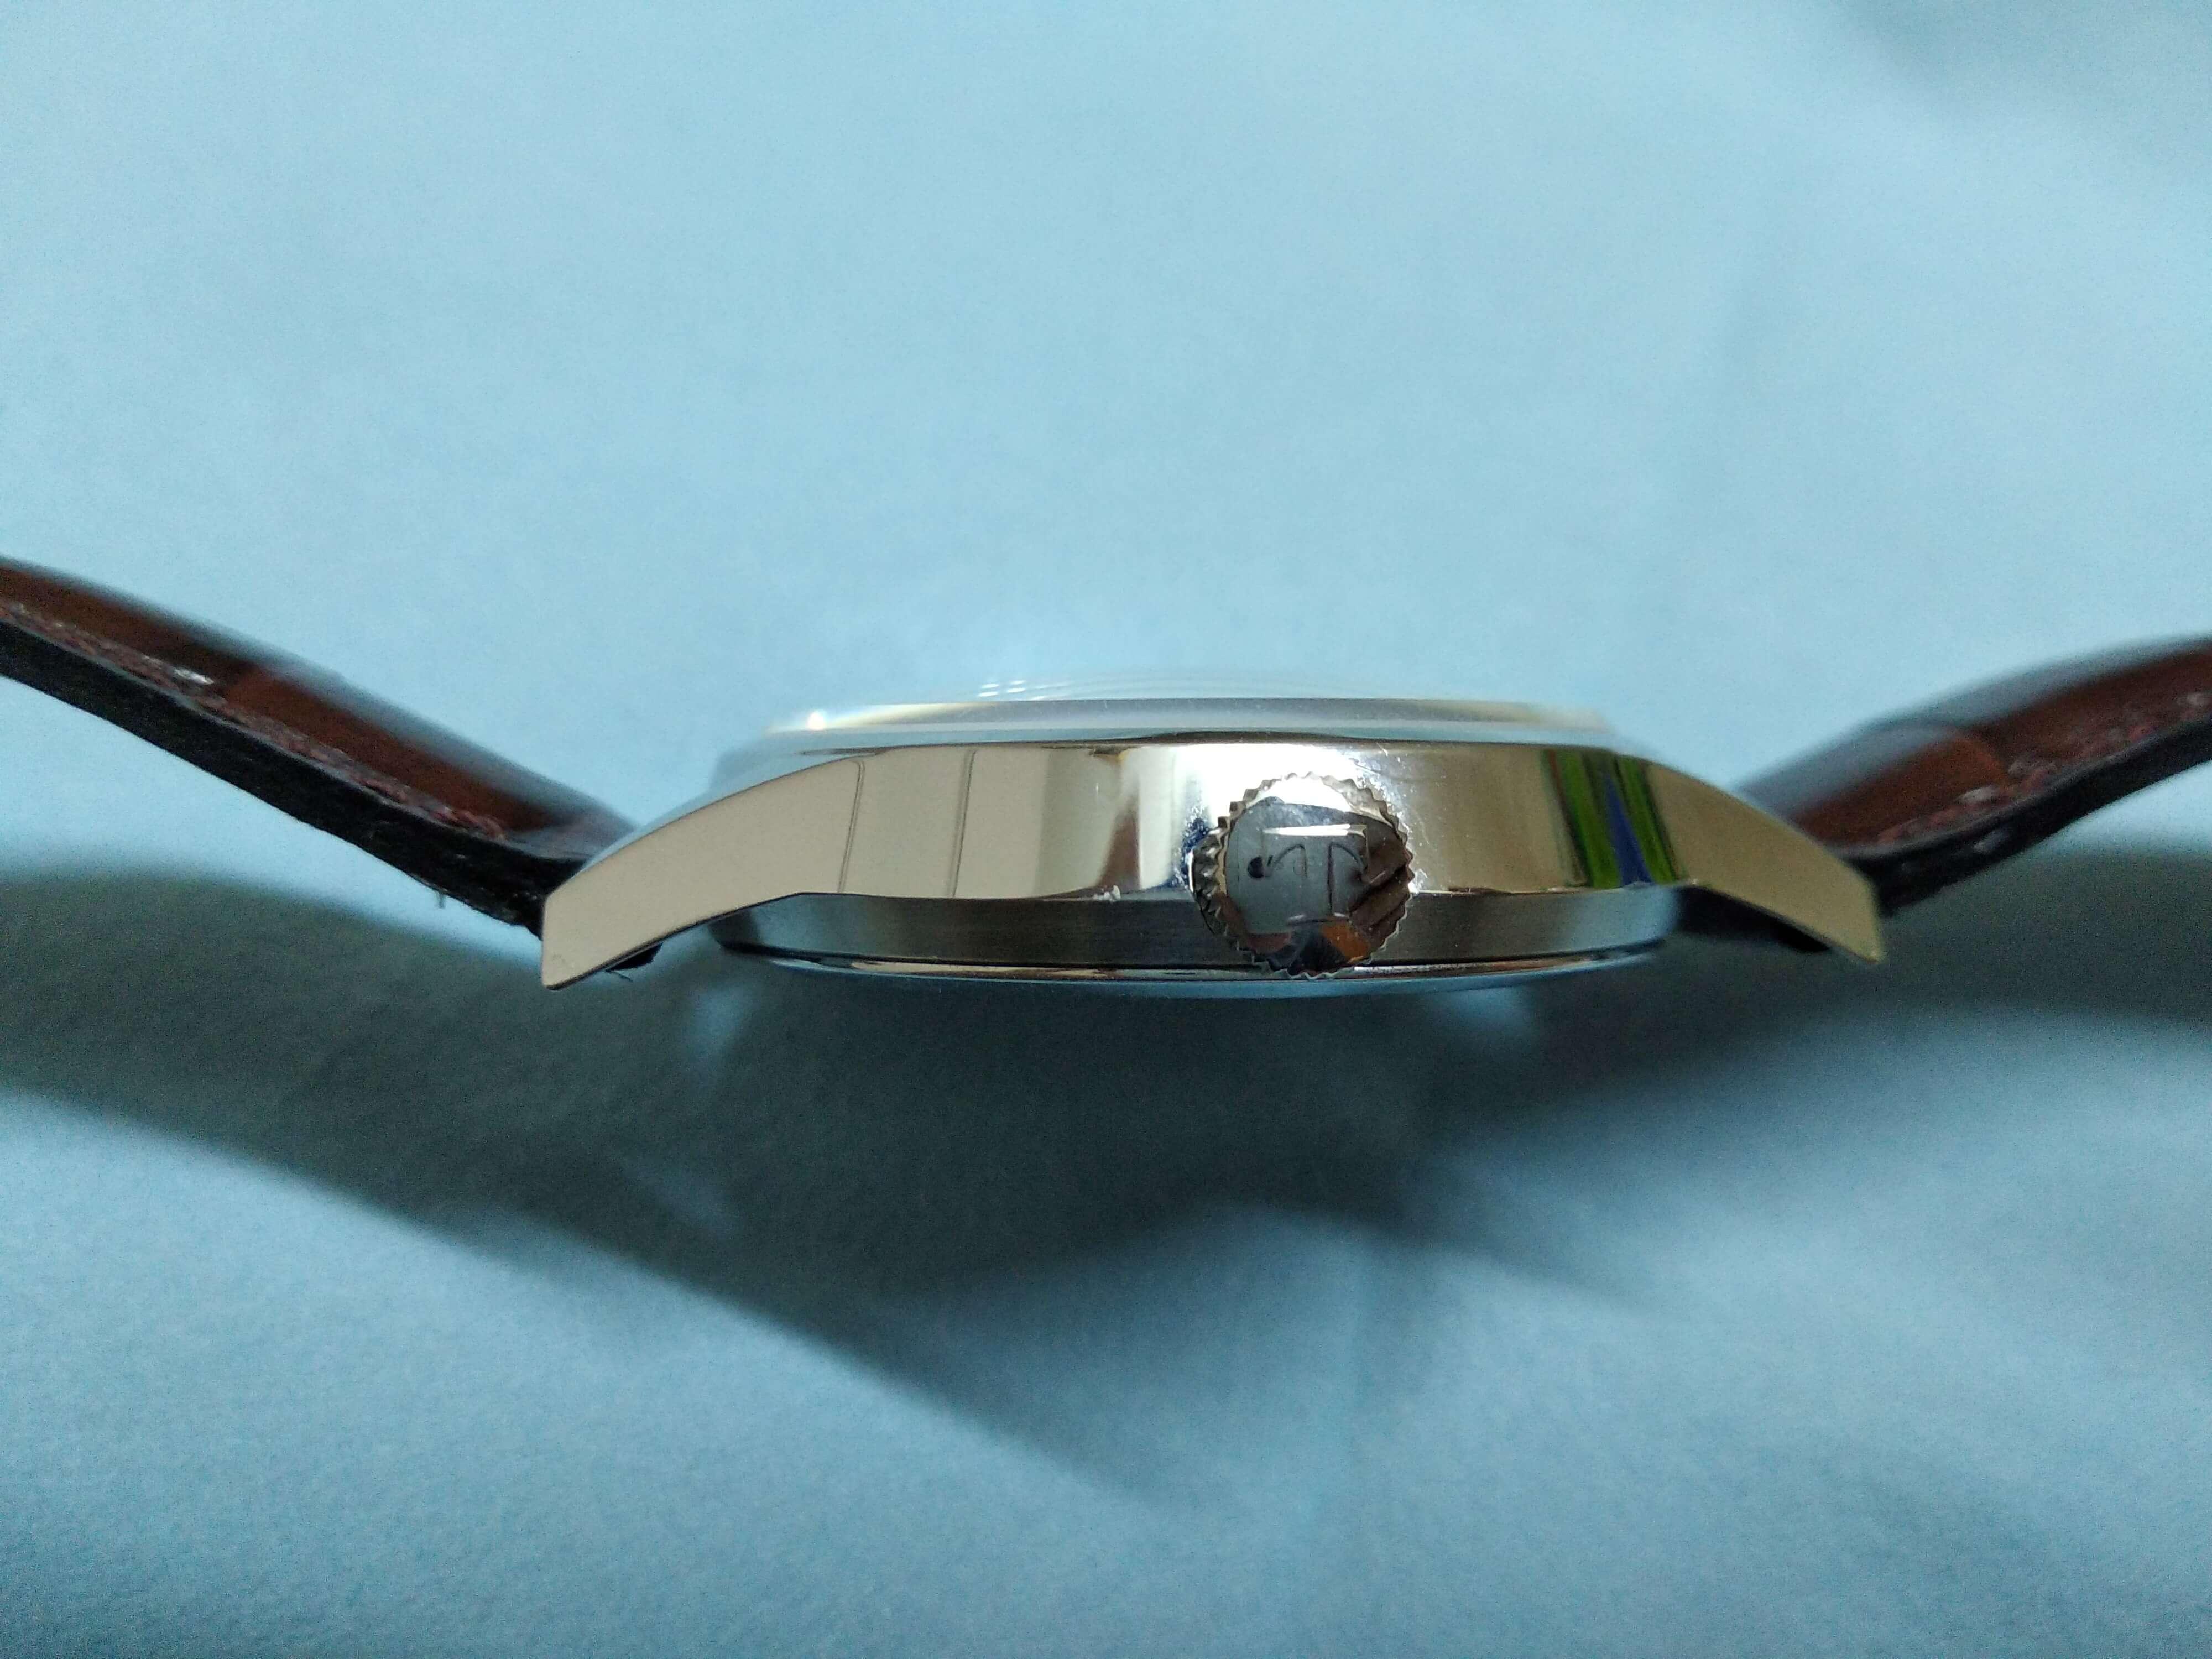 Tissot Visodate sides domed sapphire crystal